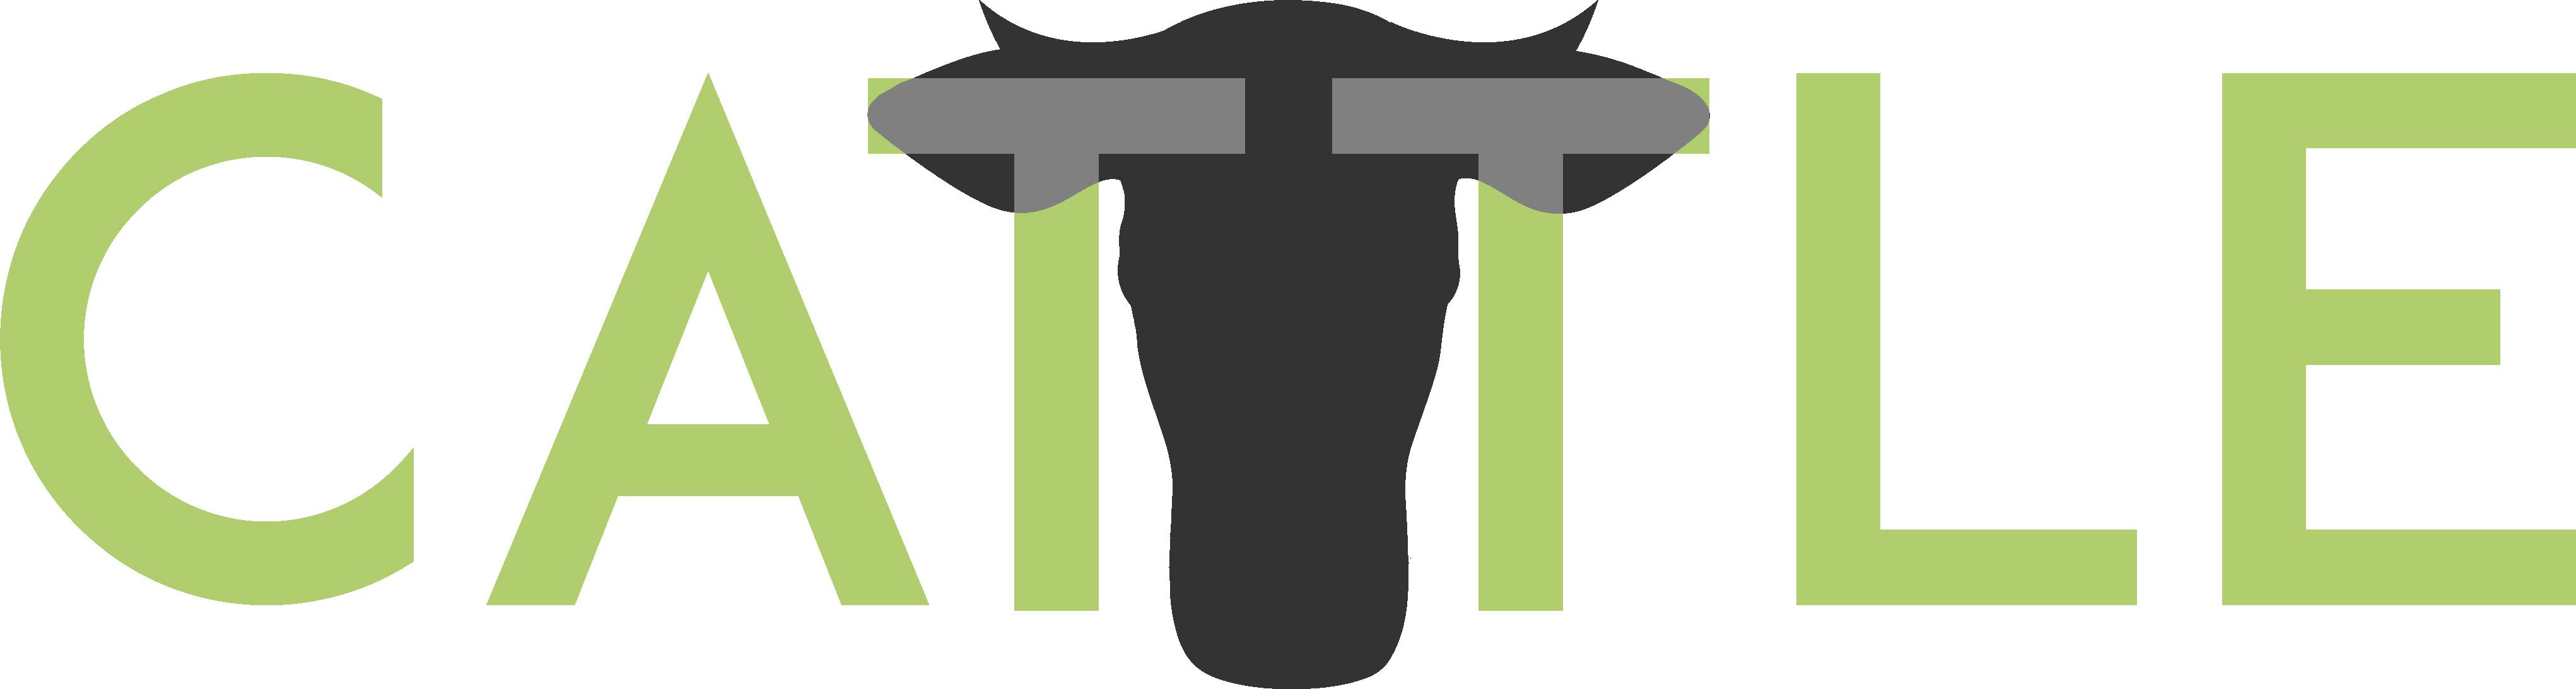 logo-stockport